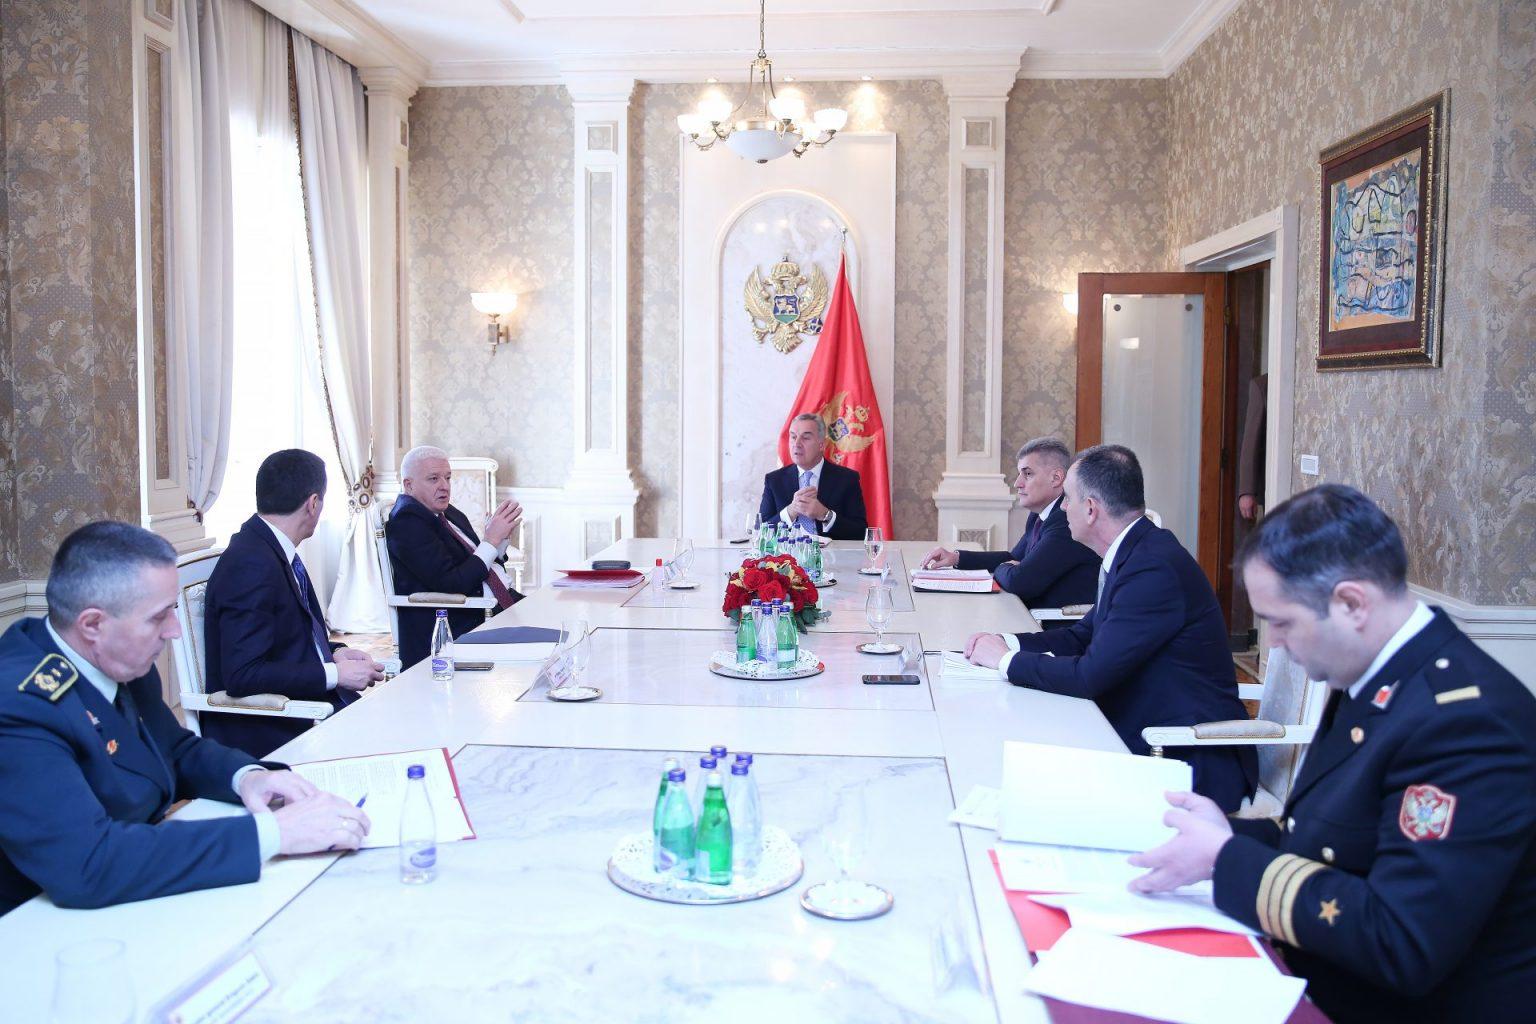 Μαυροβούνιο: Τα κυβερνητικά αποτρεπτικά μέτρα απέφεραν καρπούς – Σύγκληση Συμβουλίου Άμυνας και Ασφάλειας